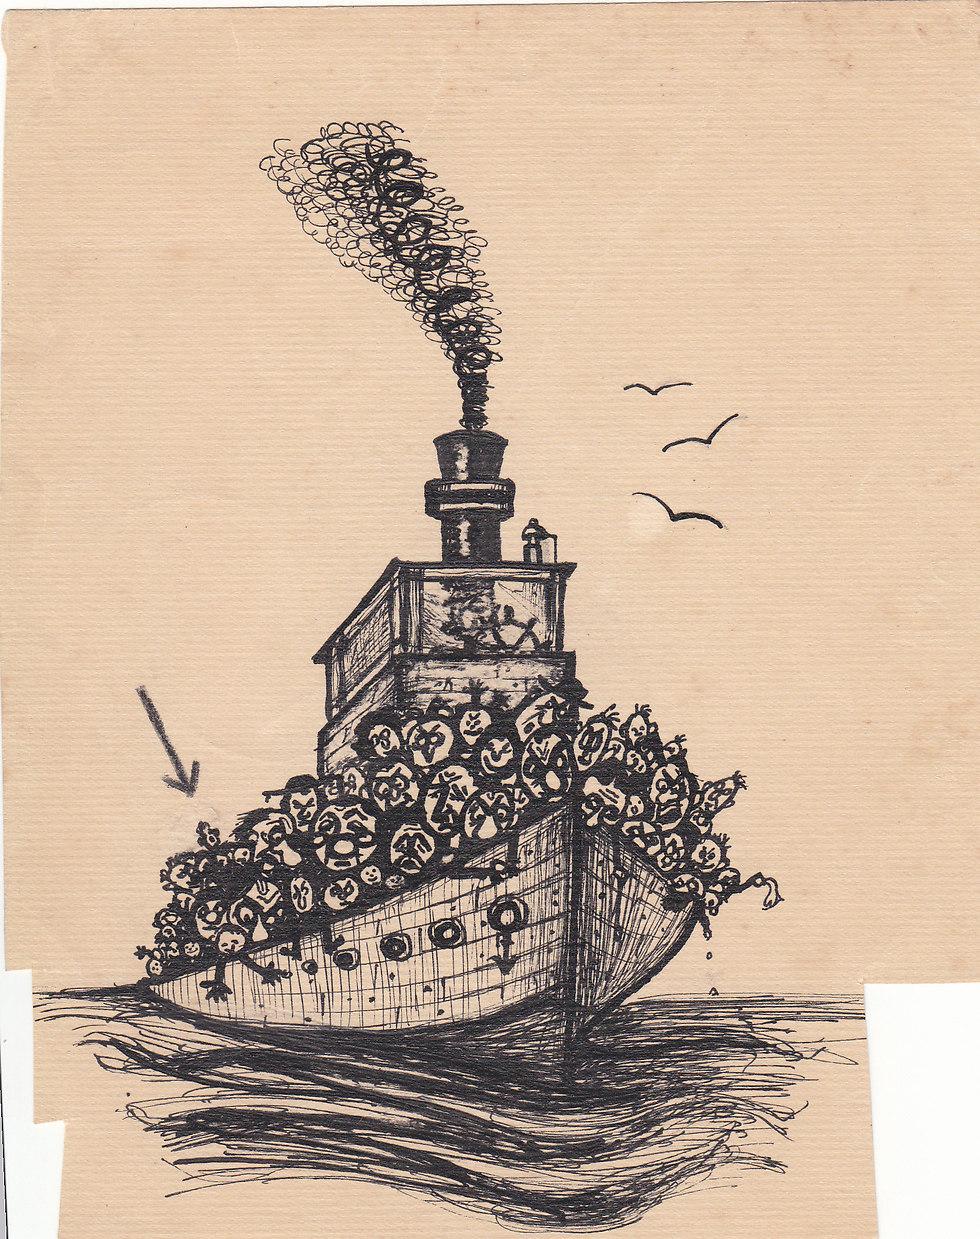 האוניה גלילה. קישון אף צייר את עצמו - מסומן בחץ (מאת אפרים קישון) (מאת אפרים קישון)